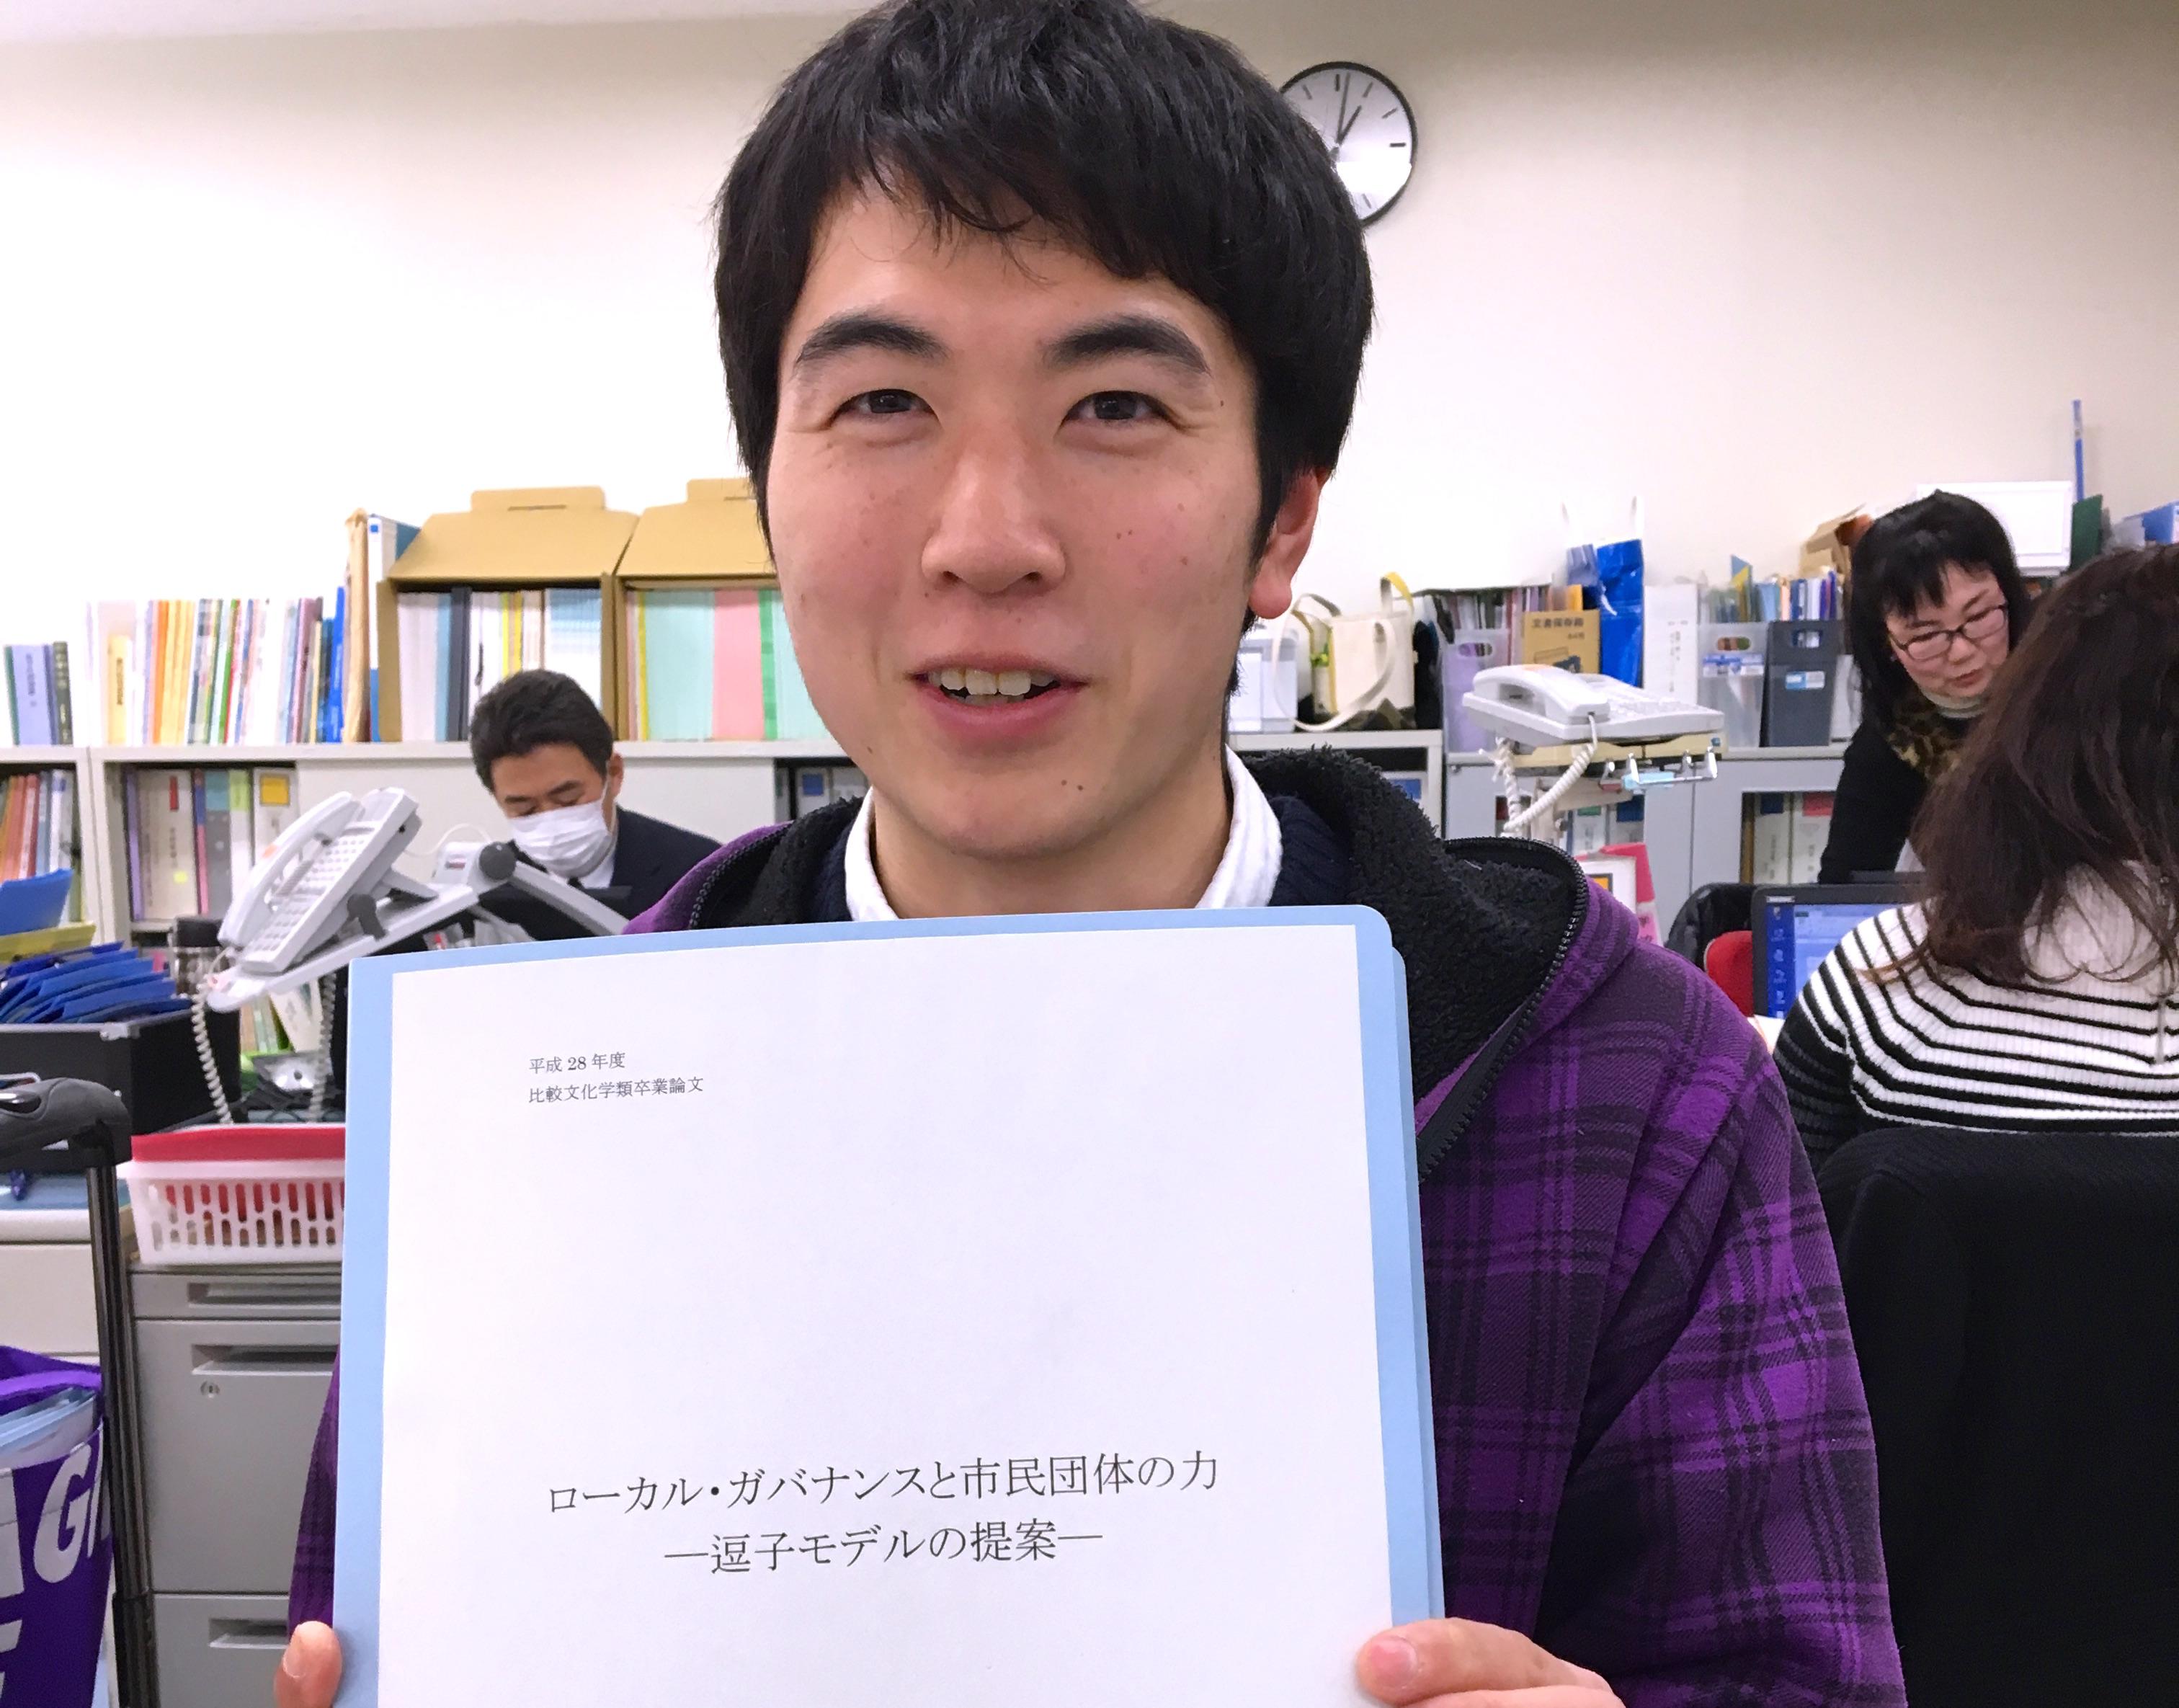 卒論テーマは「逗子モデル」〜筑波大4年生の森さんが完成した卒業論文を届けにきてくれました